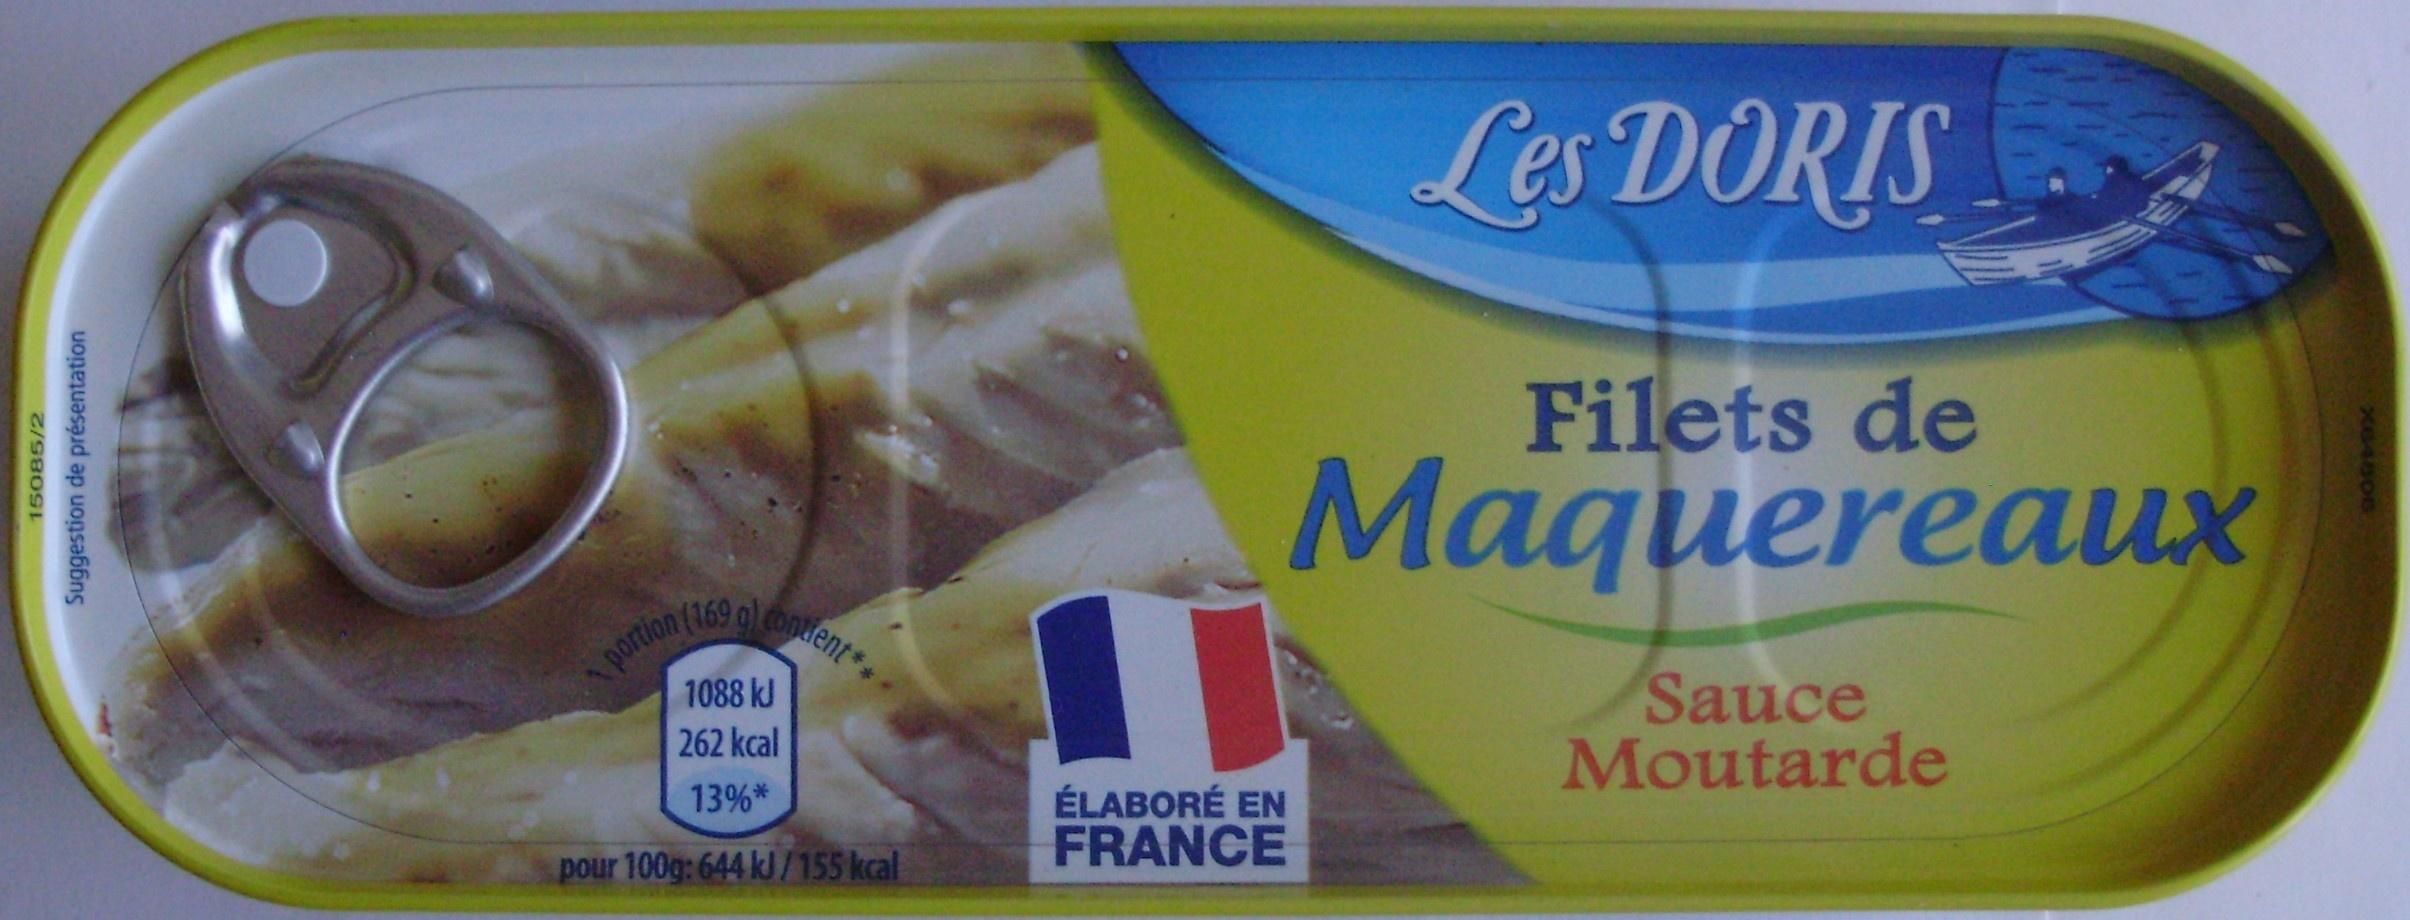 Filets de Maquereaux (Sauce Moutarde) - Product